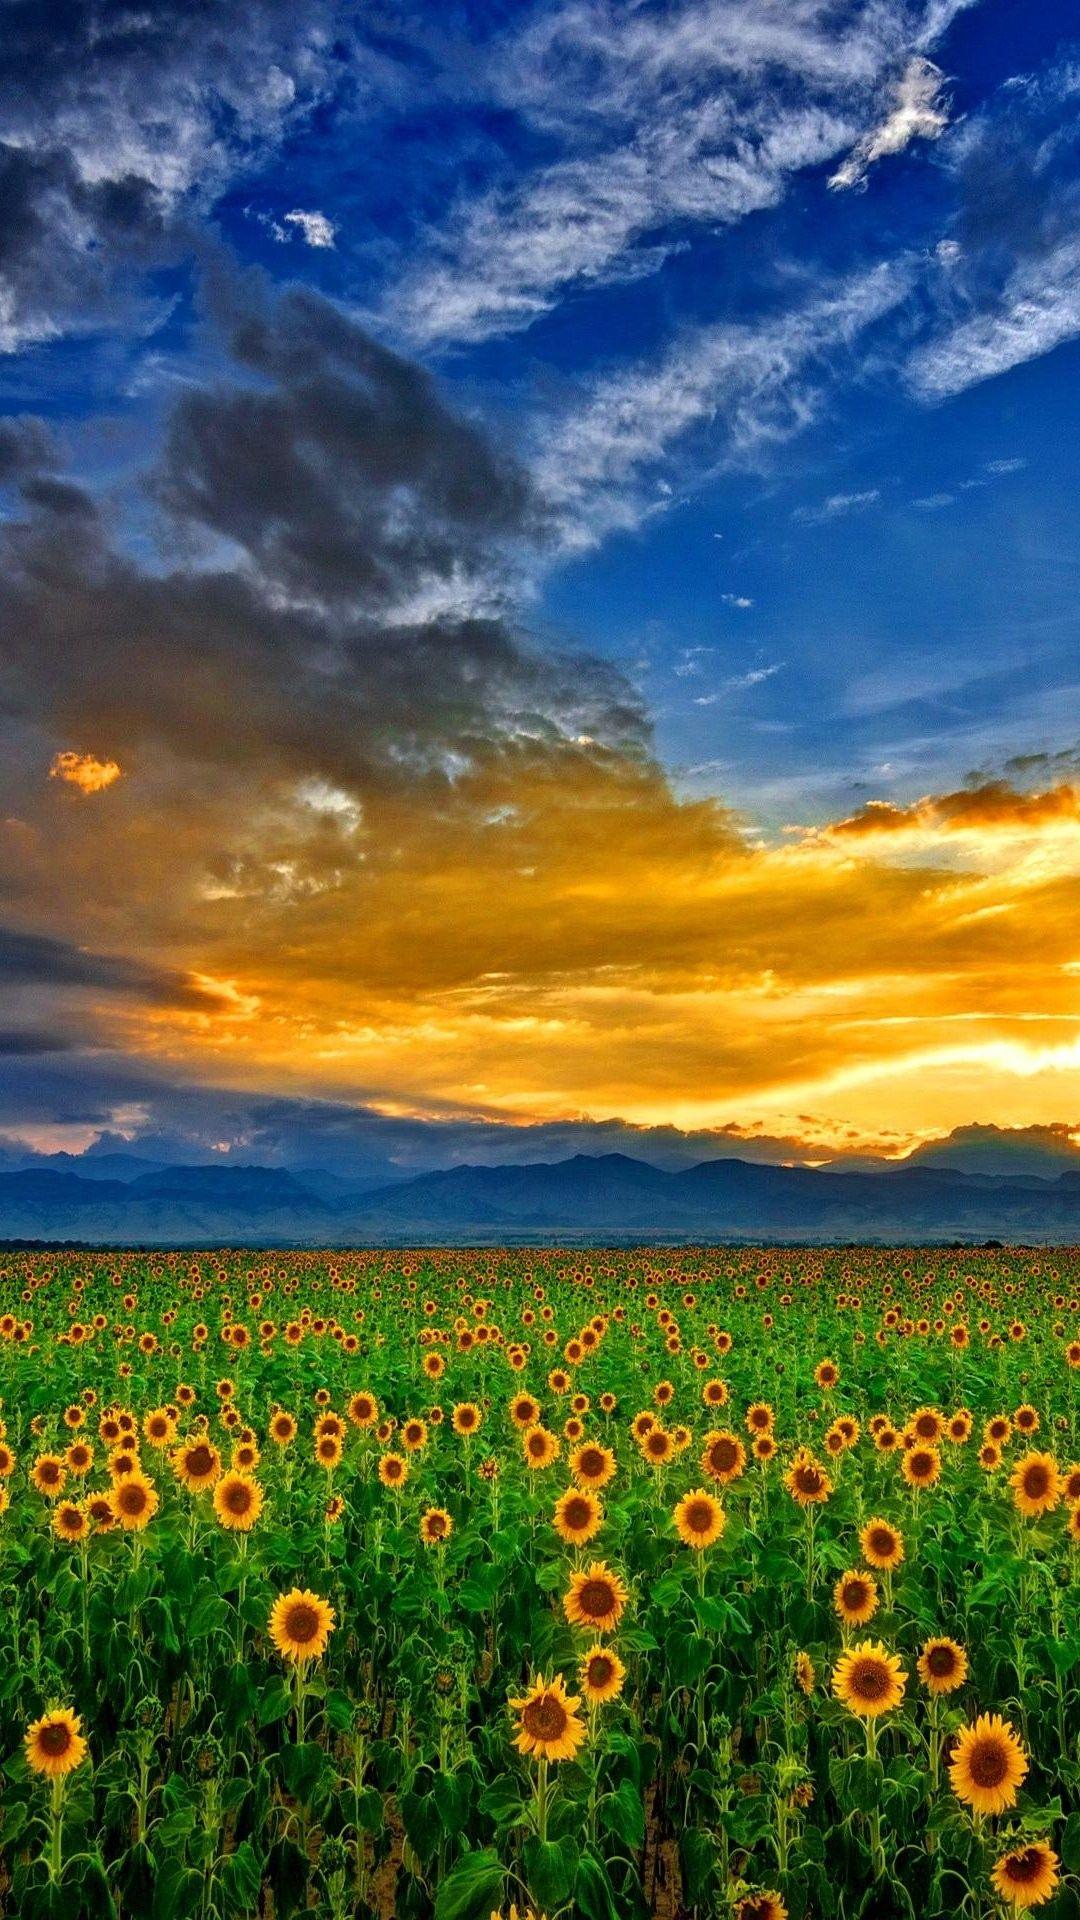 Sunflower Field at Sunset Field wallpaper, Sunflower